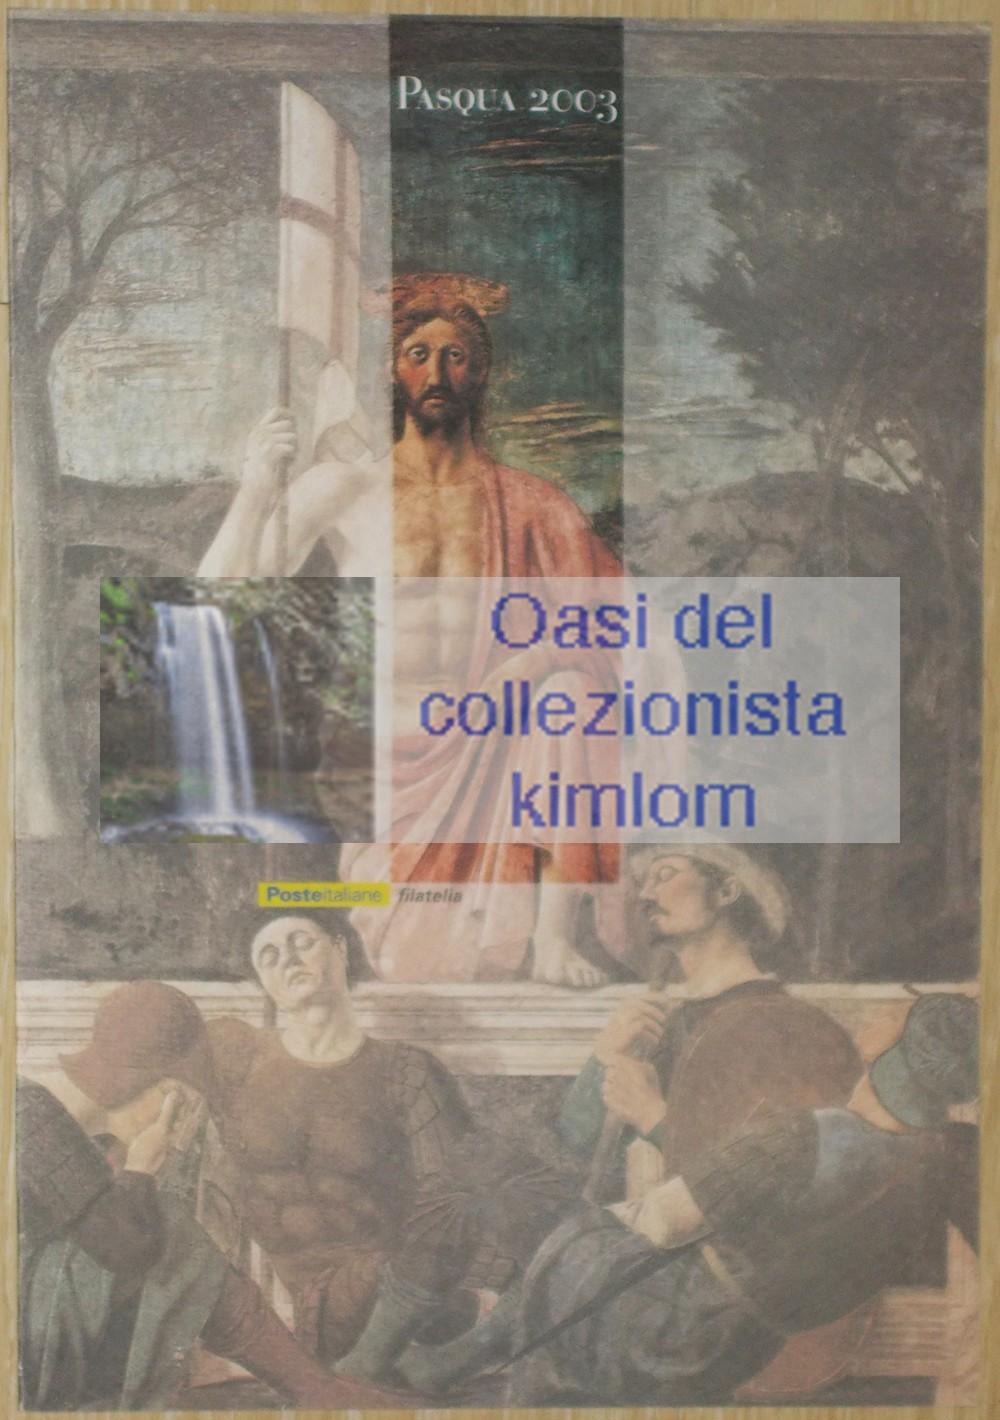 folder - Pasqua 2003